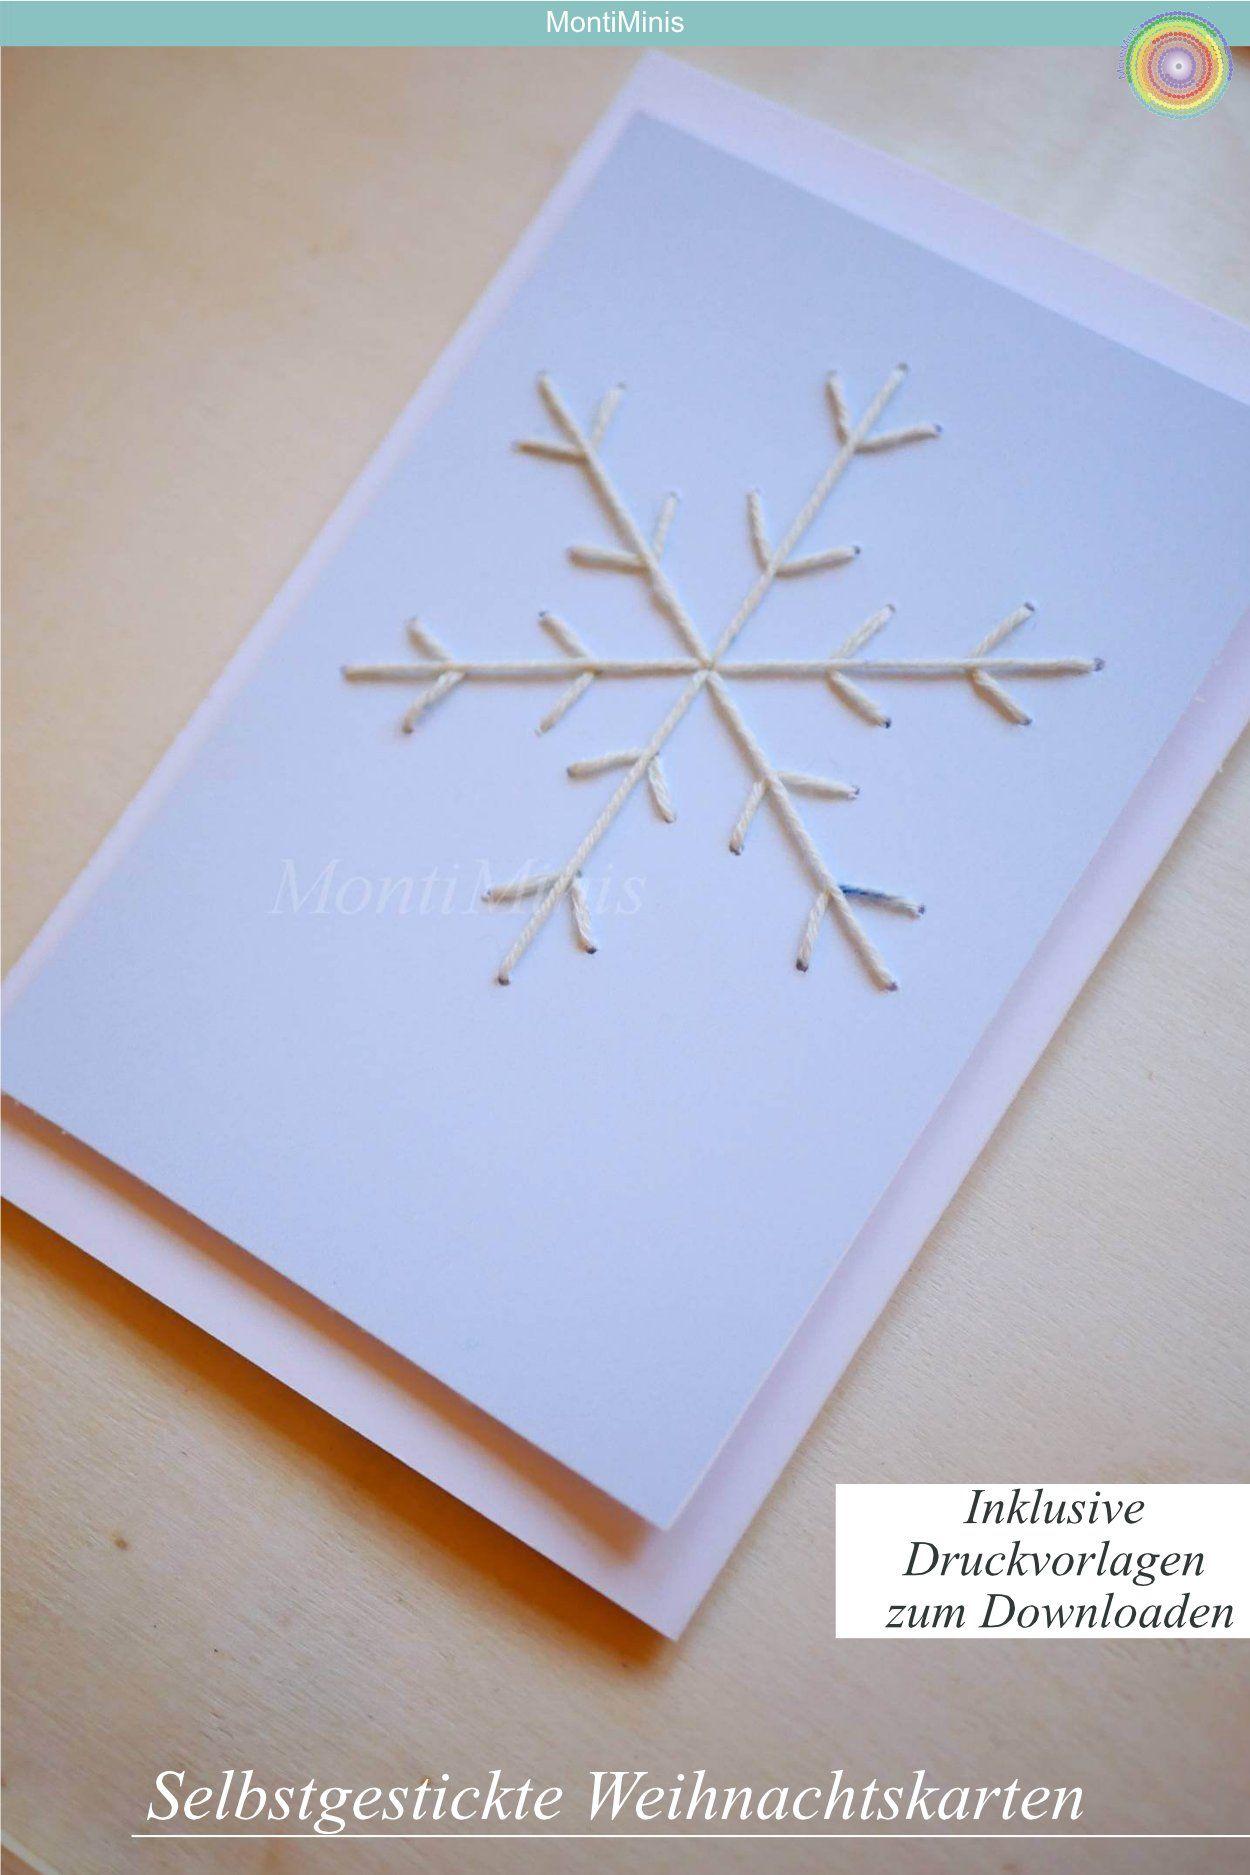 Sticken mit Kindern: Weihnachtskarten (inkl.Druckvorlage) - Montessori Blog & Shop - MontiMinis